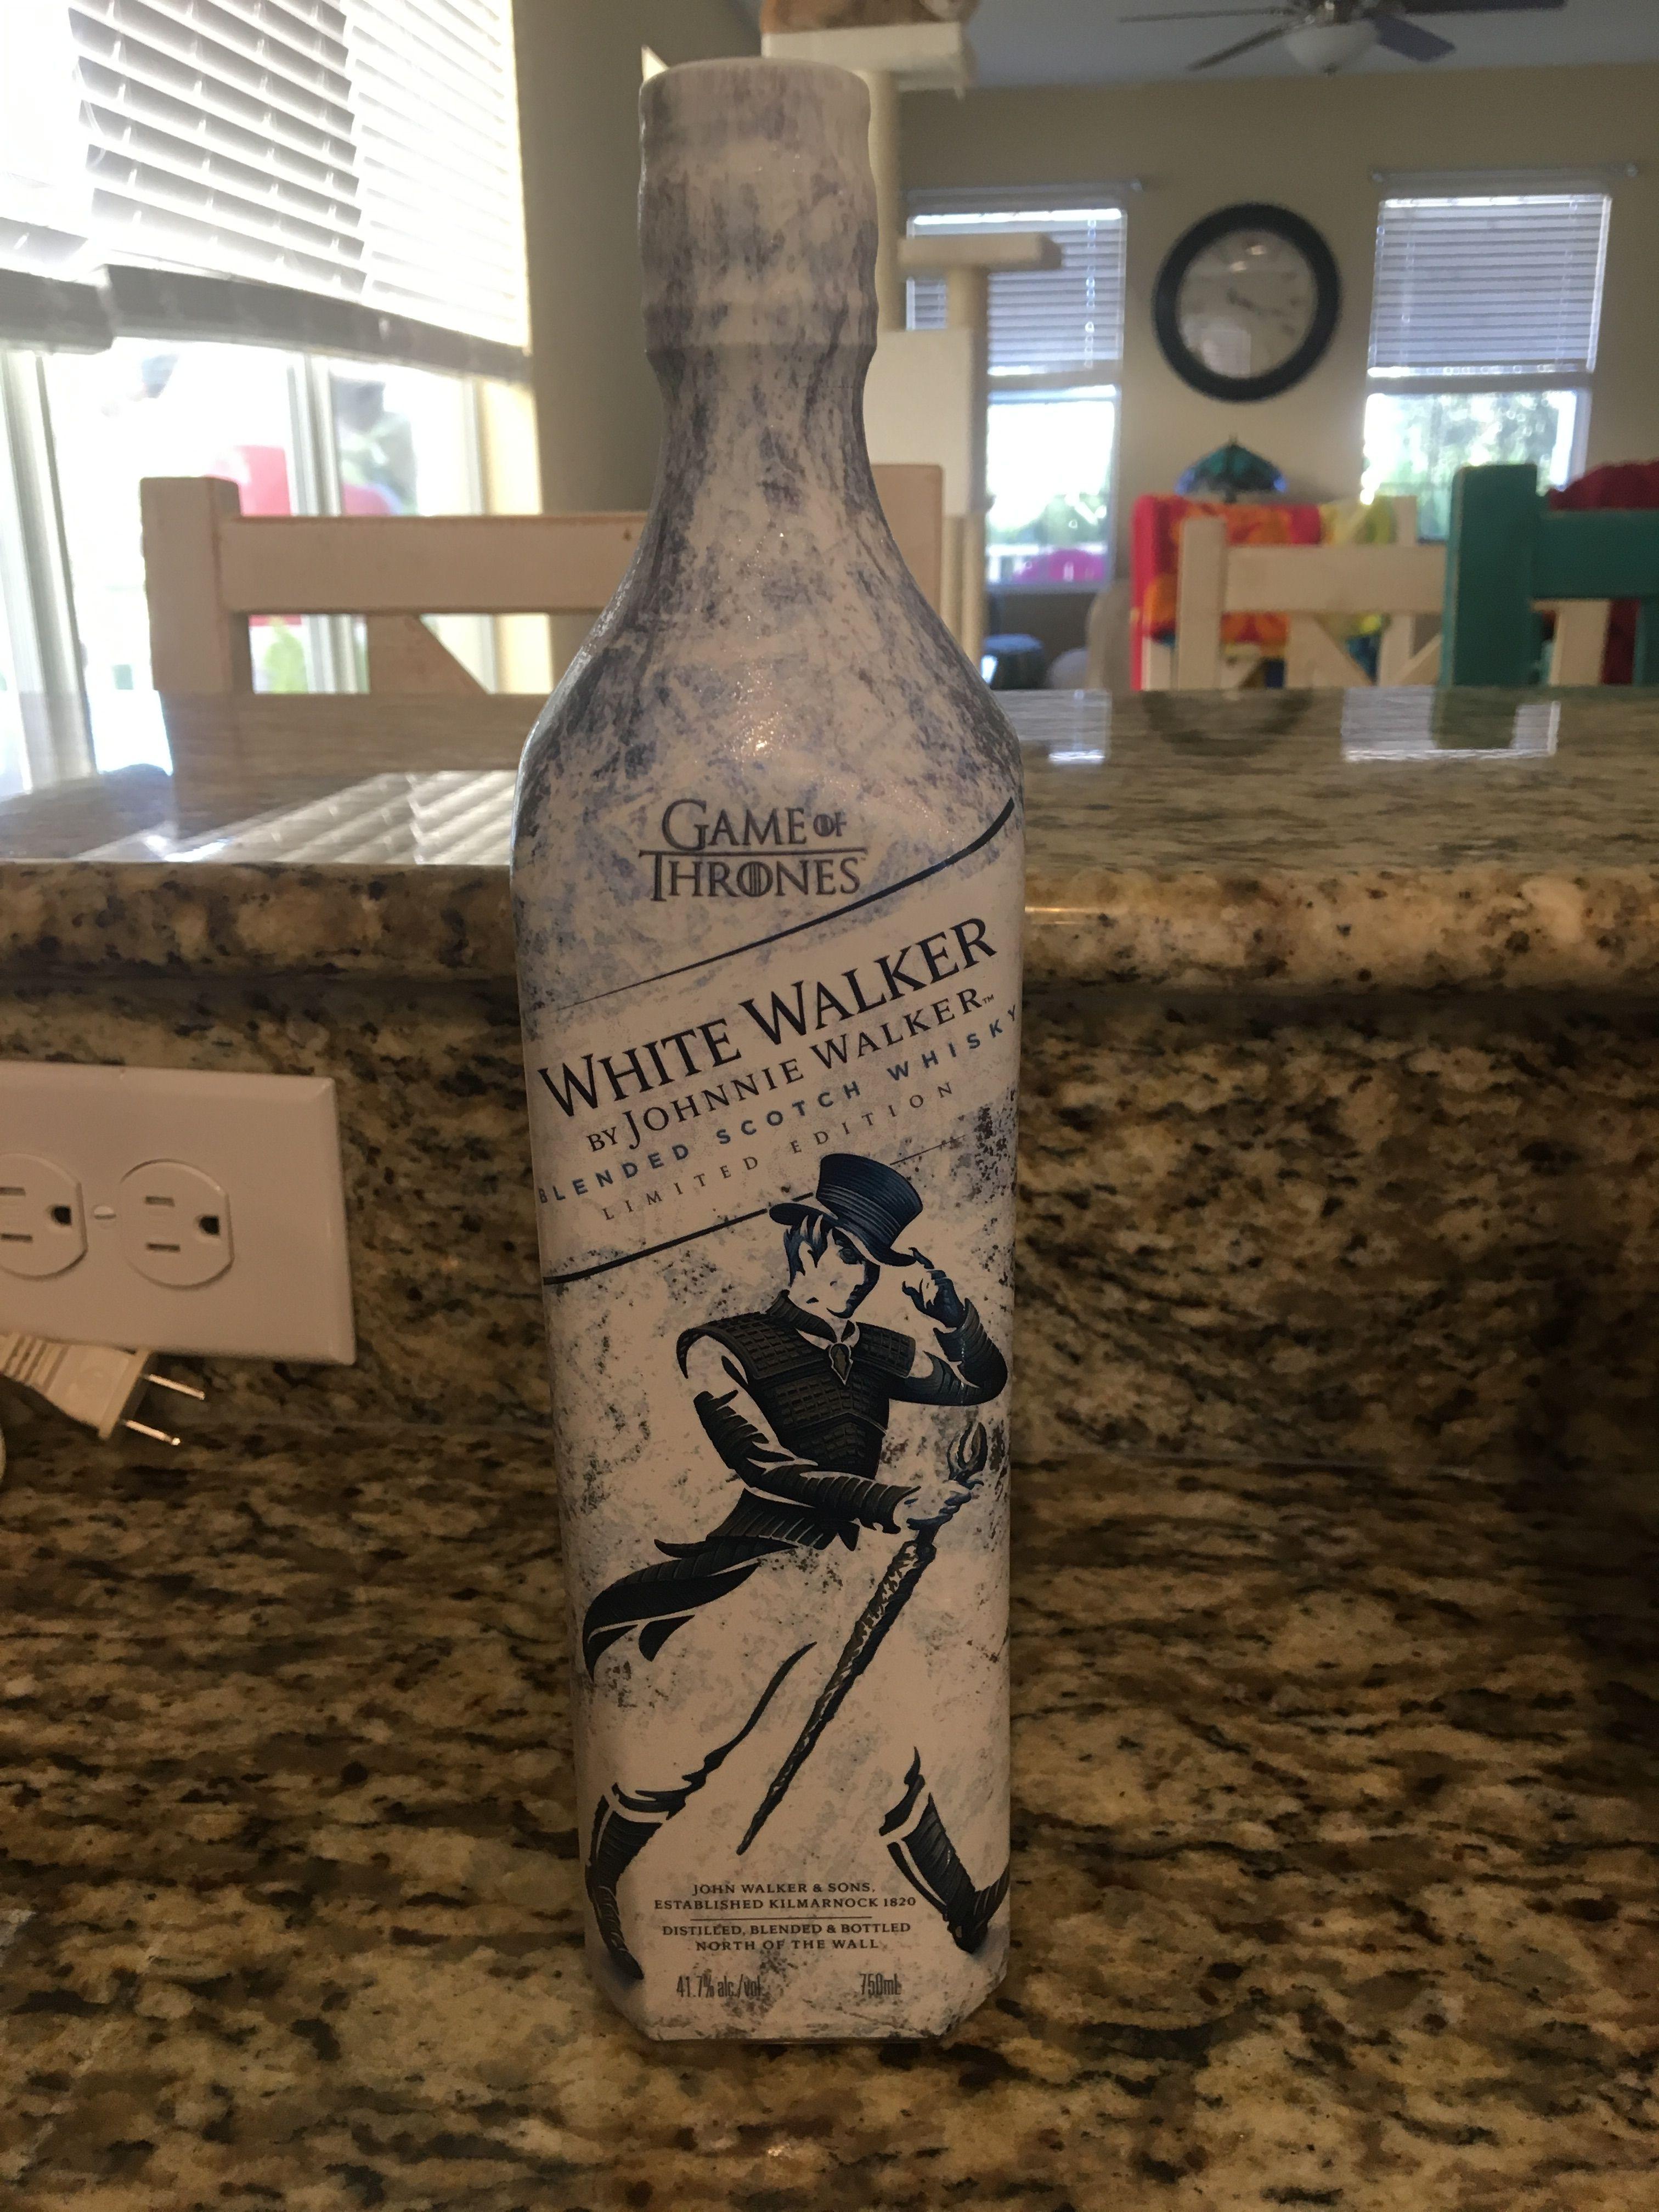 Johnny Walker White Walker Game of Thrones Vodka bottle